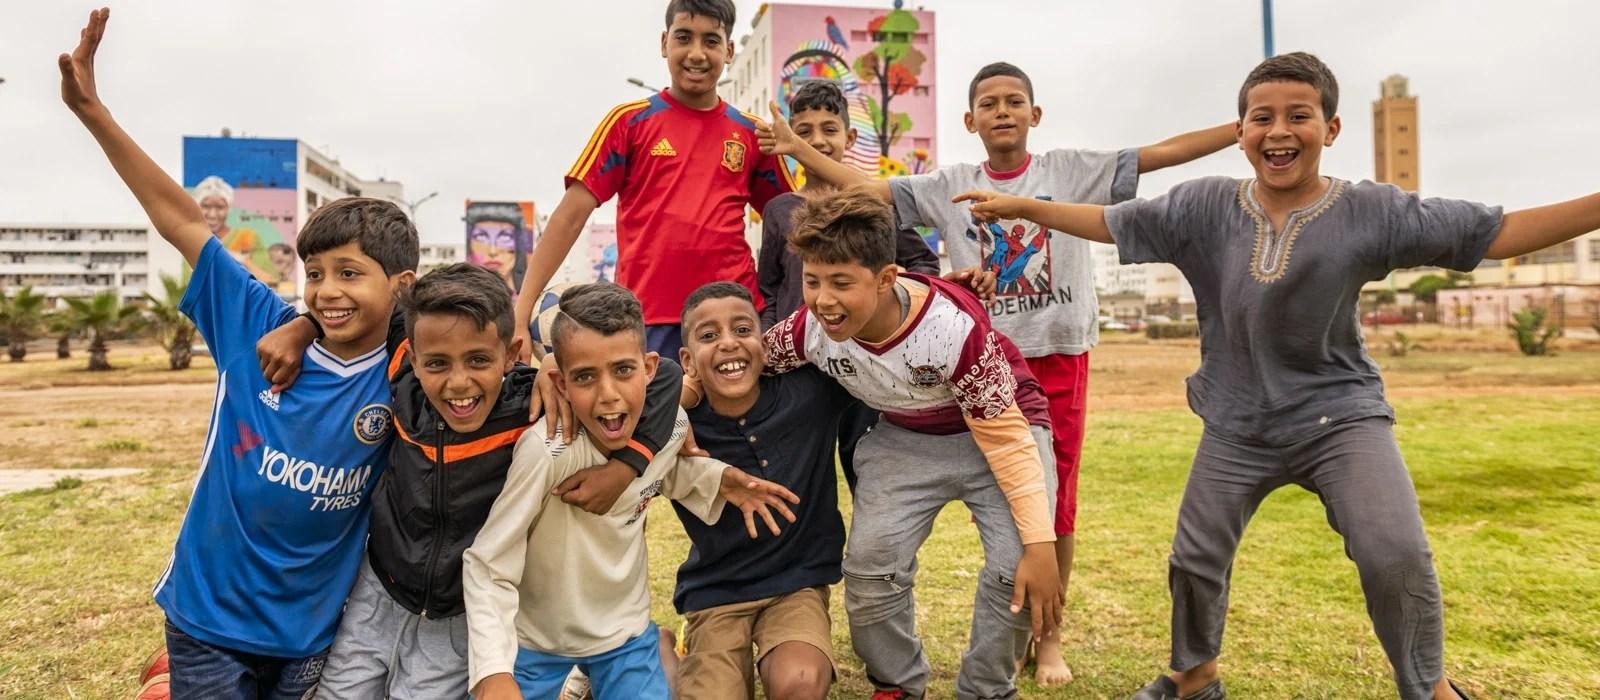 Jeunes Marocains près de Casablanca au Maroc - Les Routes du Monde